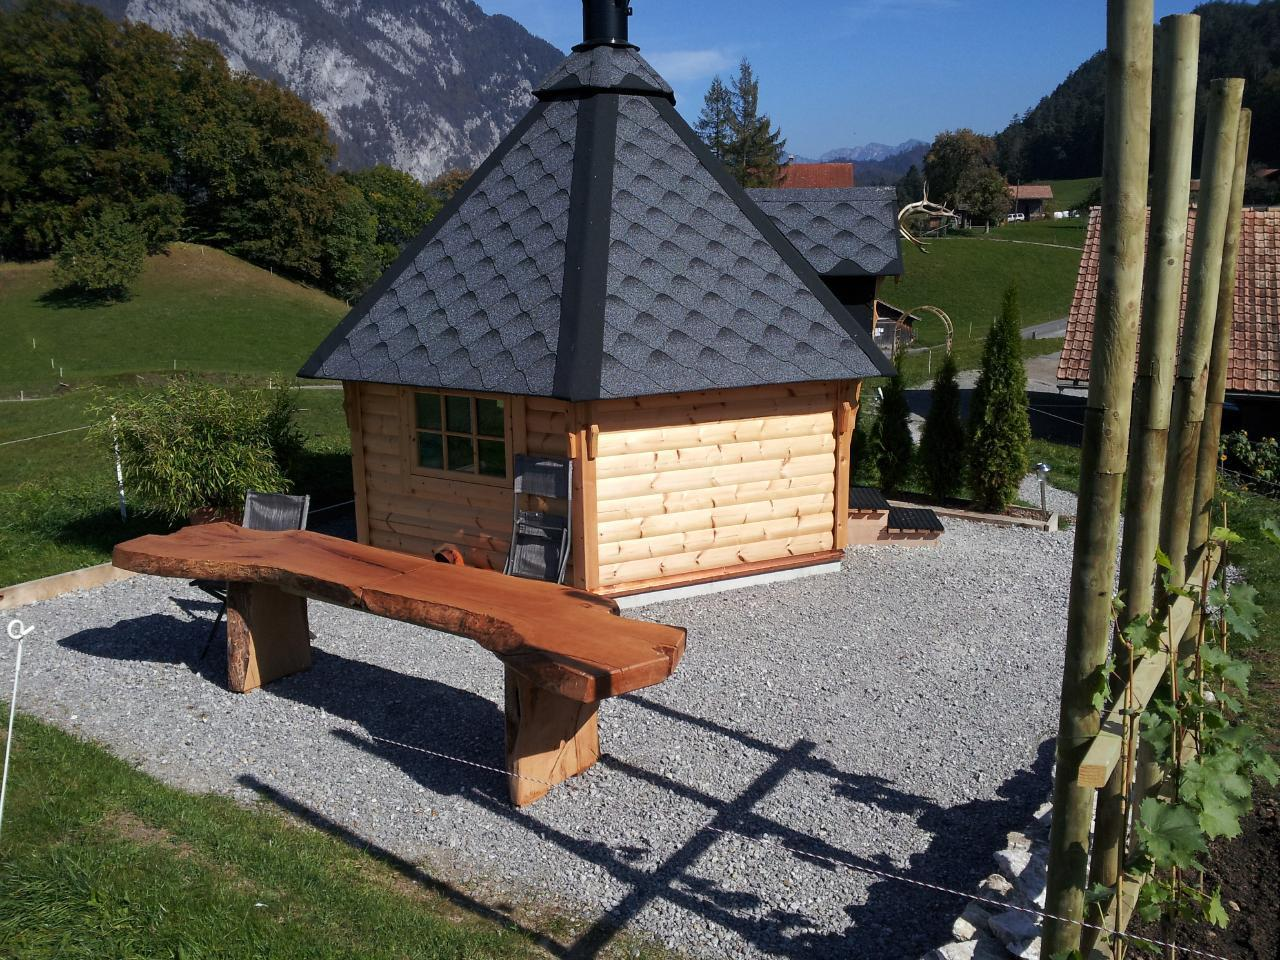 Ferienwohnung 2 Zimmer-Ferienwohnung im Altholz-Stil (2470618), Oey, Diemtigtal, Berner Oberland, Schweiz, Bild 24